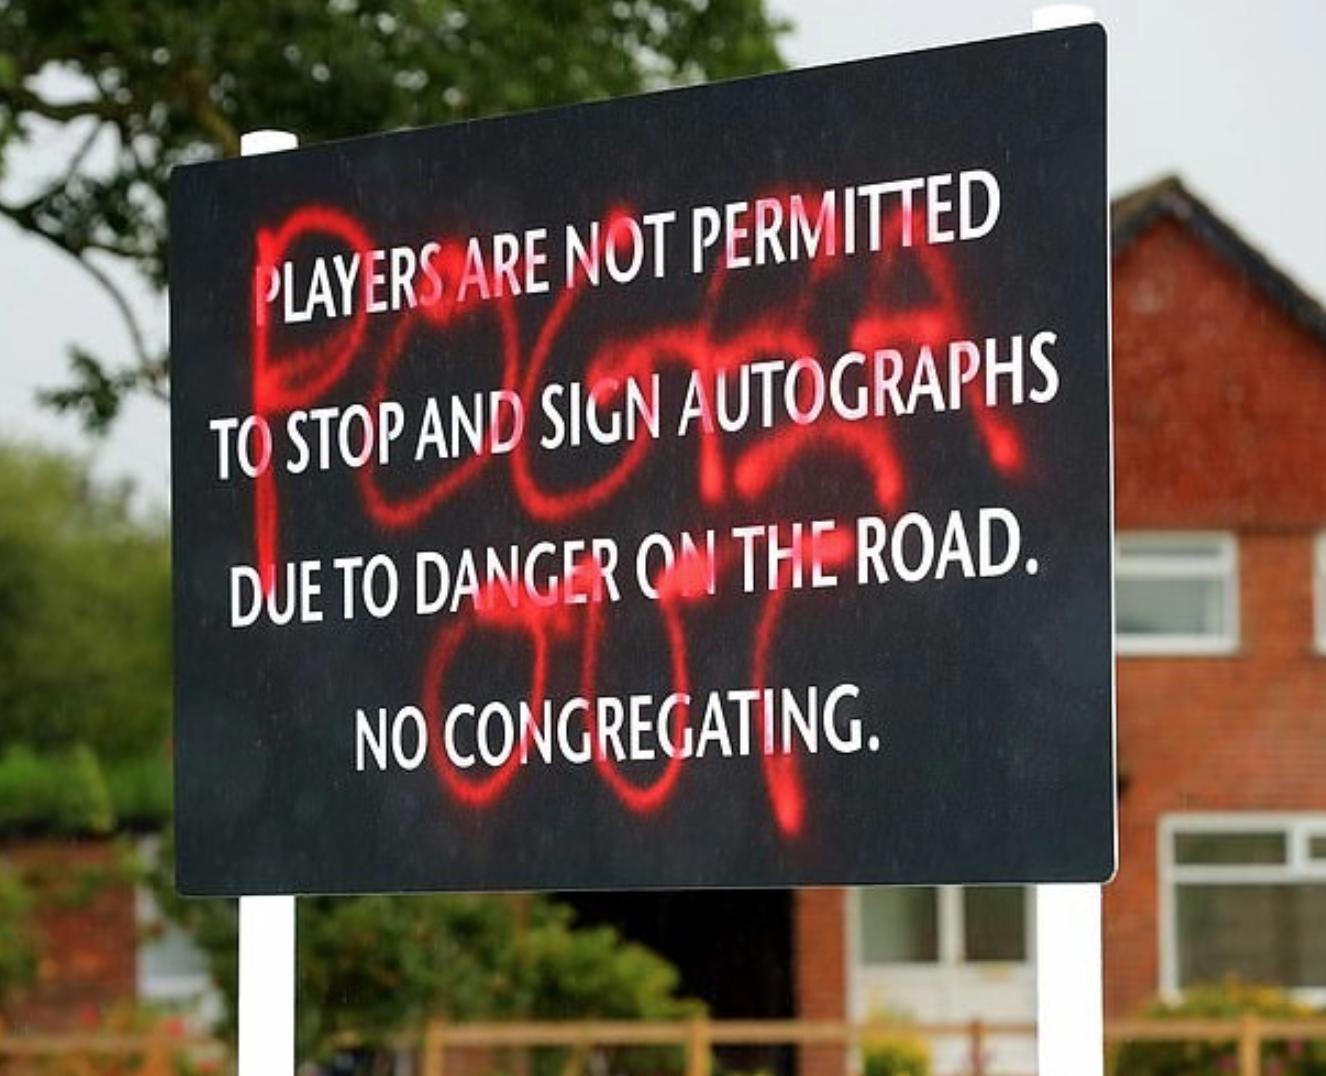 卡林顿基地门外告示牌被涂鸦:博格巴滚蛋